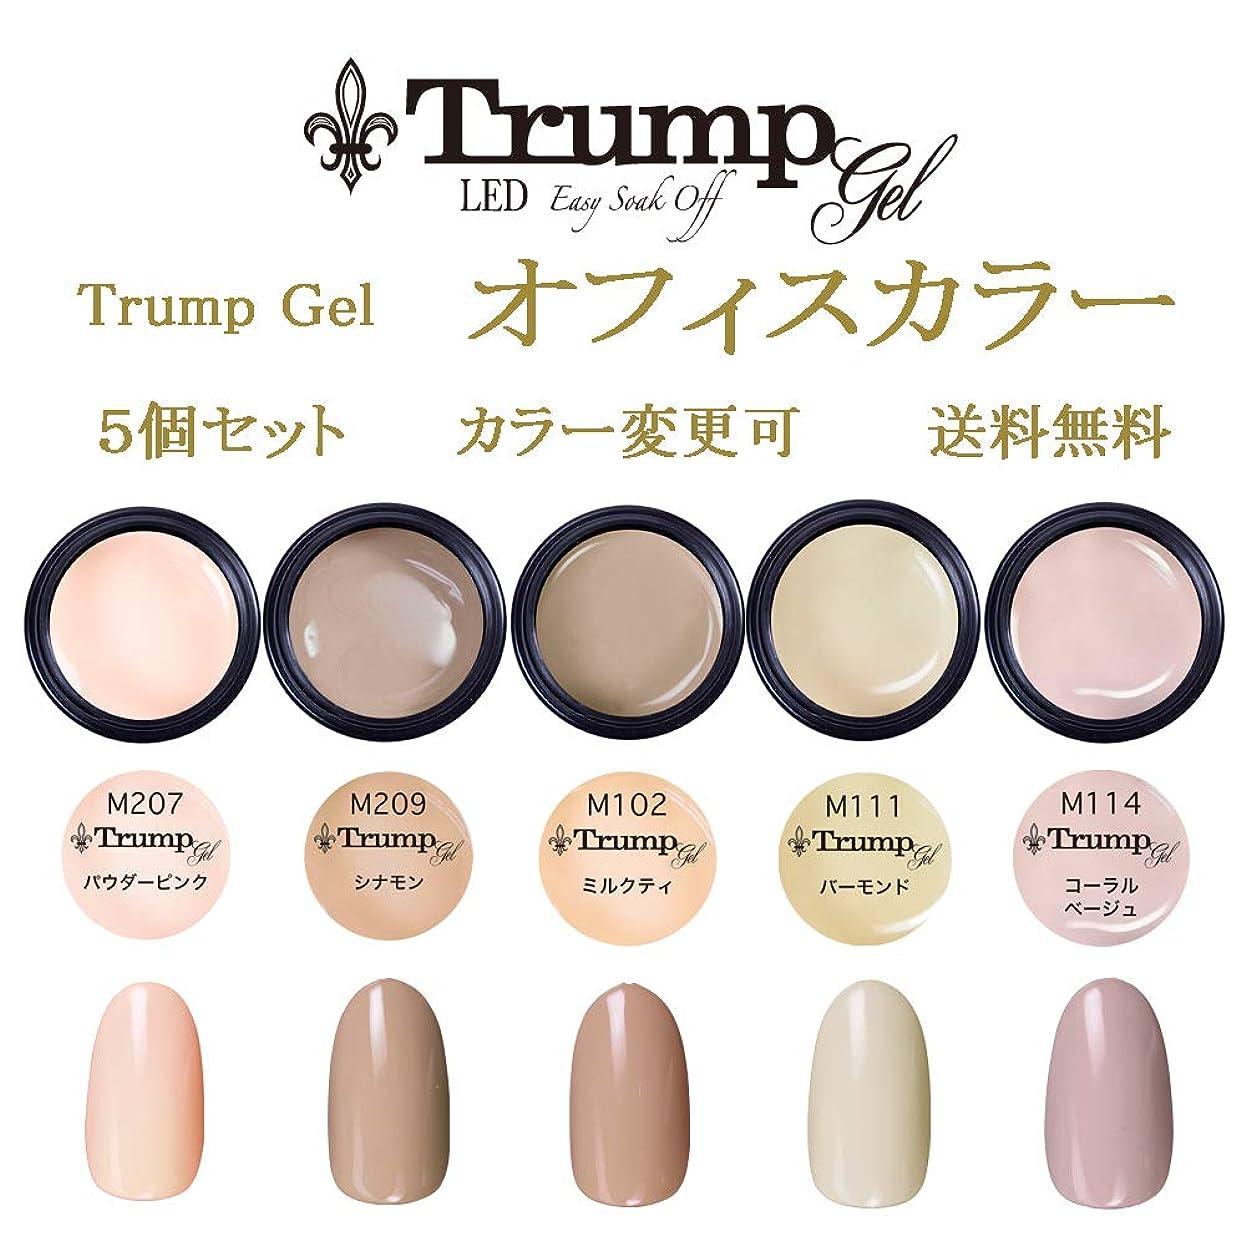 襟不定主人日本製 Trump gel トランプジェル オフィスカラー 選べる カラージェル 5個セット ベージュ ブラウン ピンク ホワイト ビジネス カジュアル オフィス